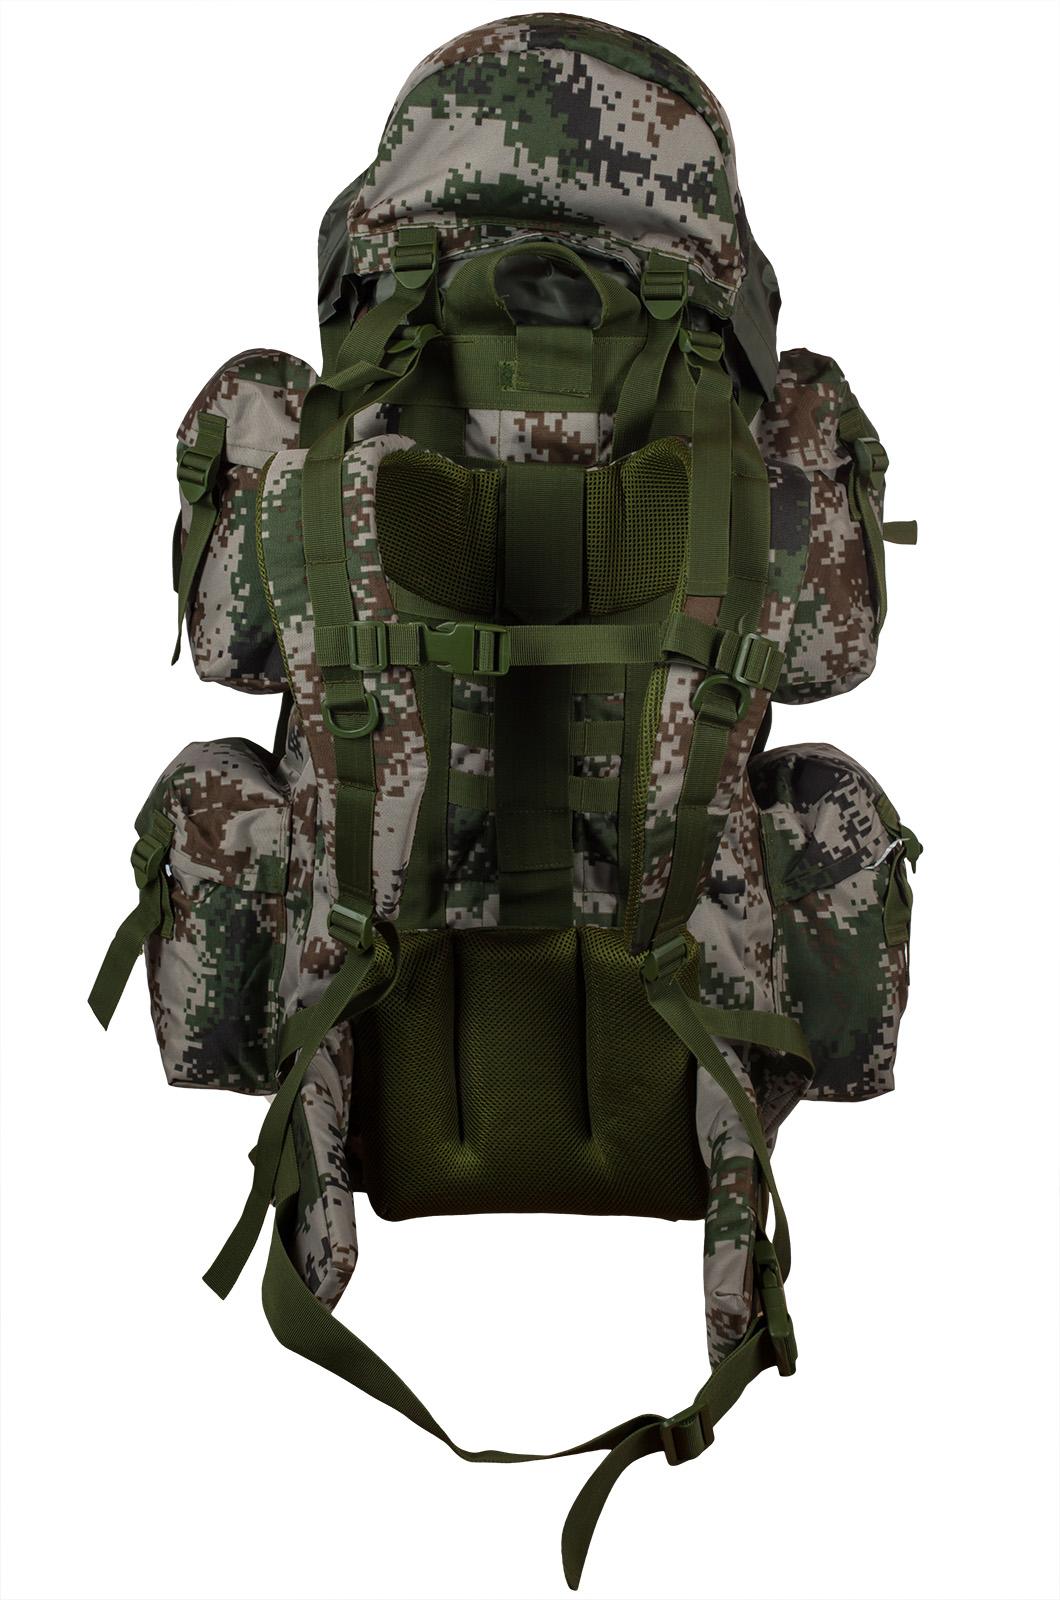 охотничий вместительный рюкзак с нашивкой Ни Пуха ни Пера - купить по низкой цене